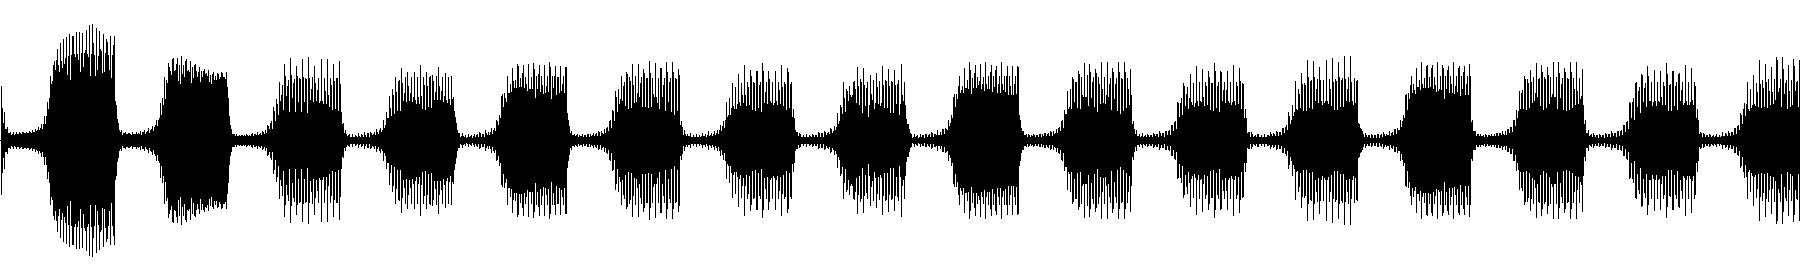 arcdespot 128